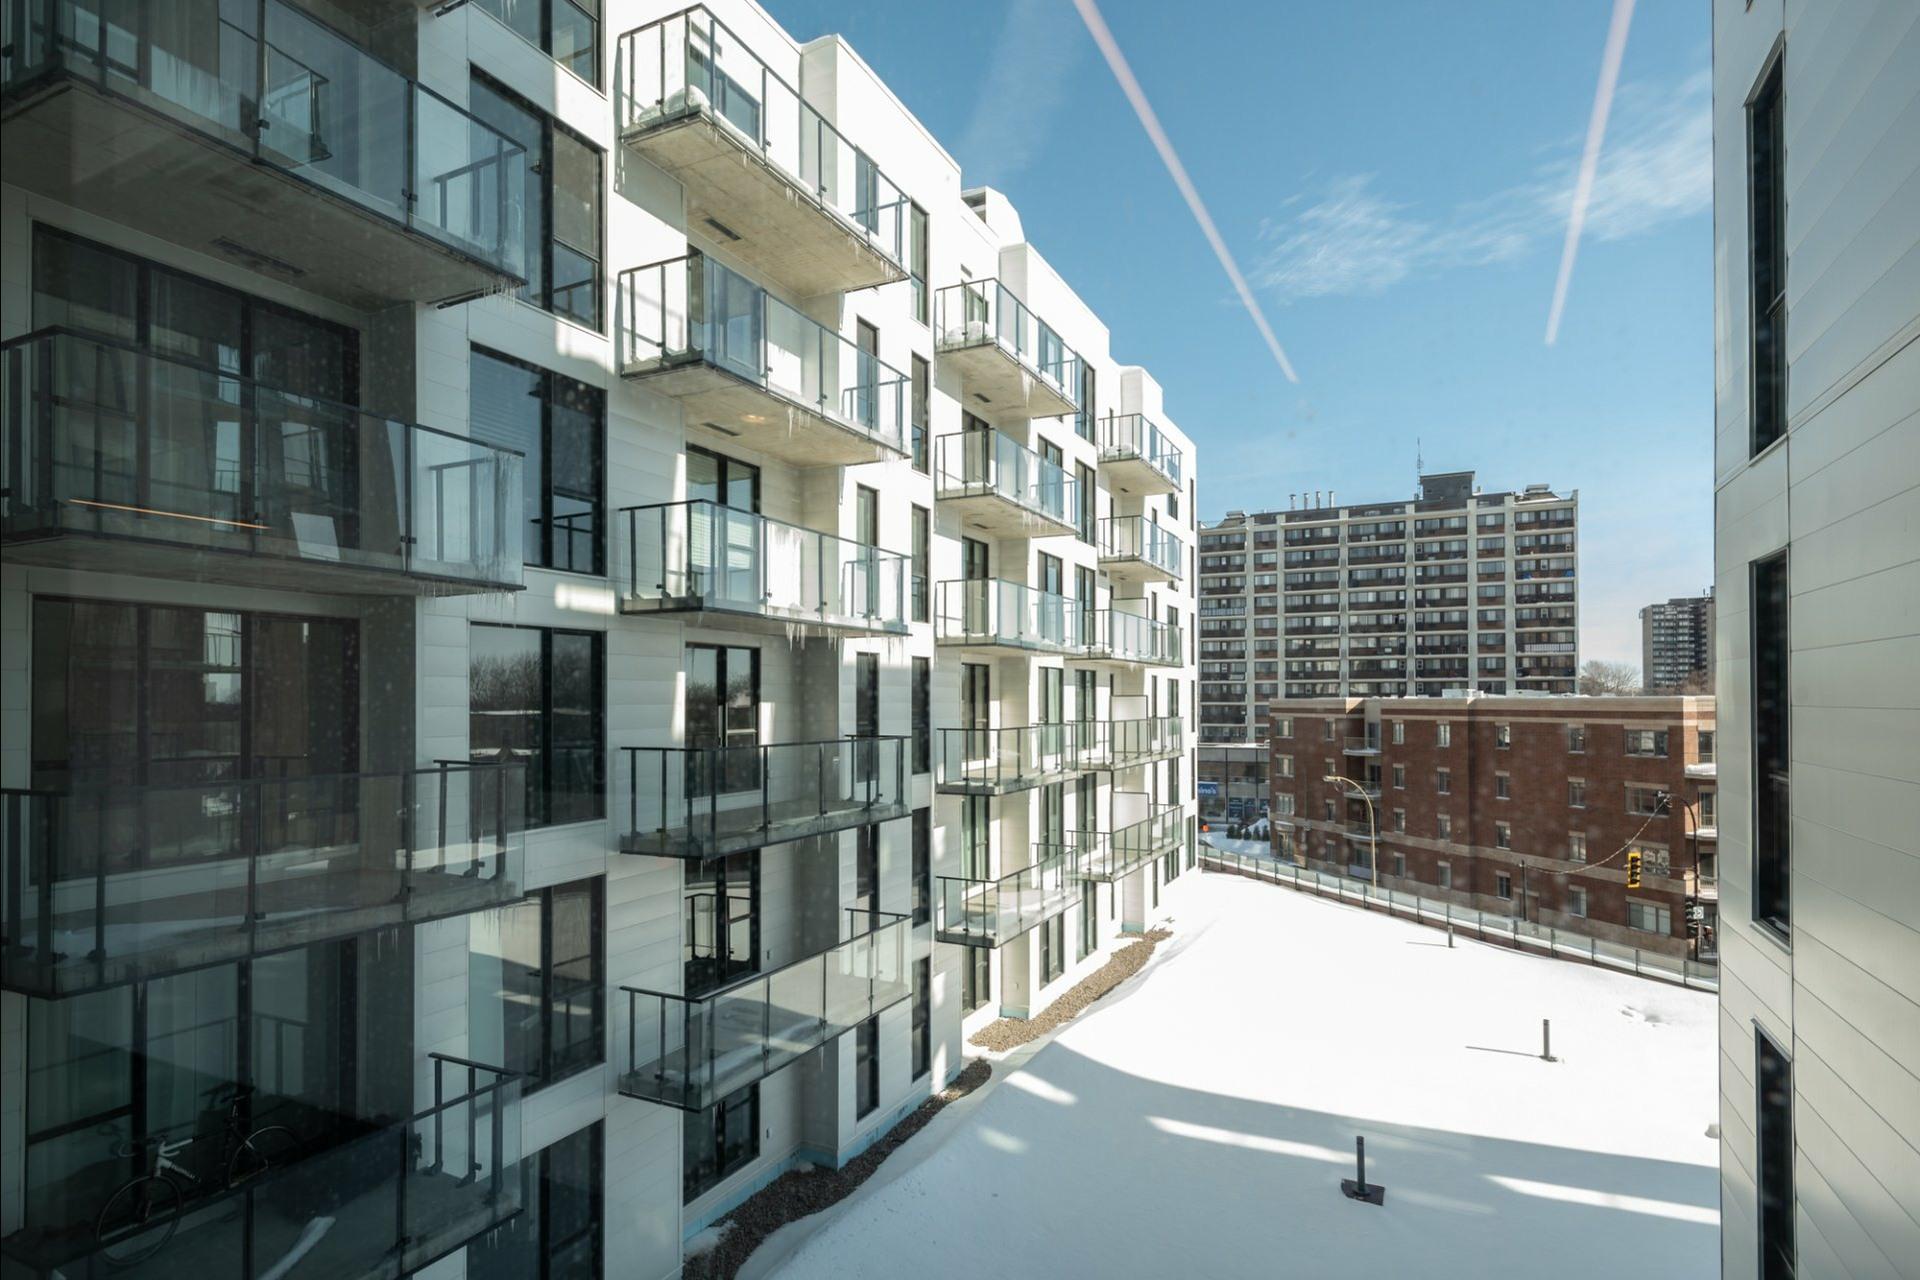 image 35 - Appartement À louer Côte-des-Neiges/Notre-Dame-de-Grâce Montréal  - 5 pièces